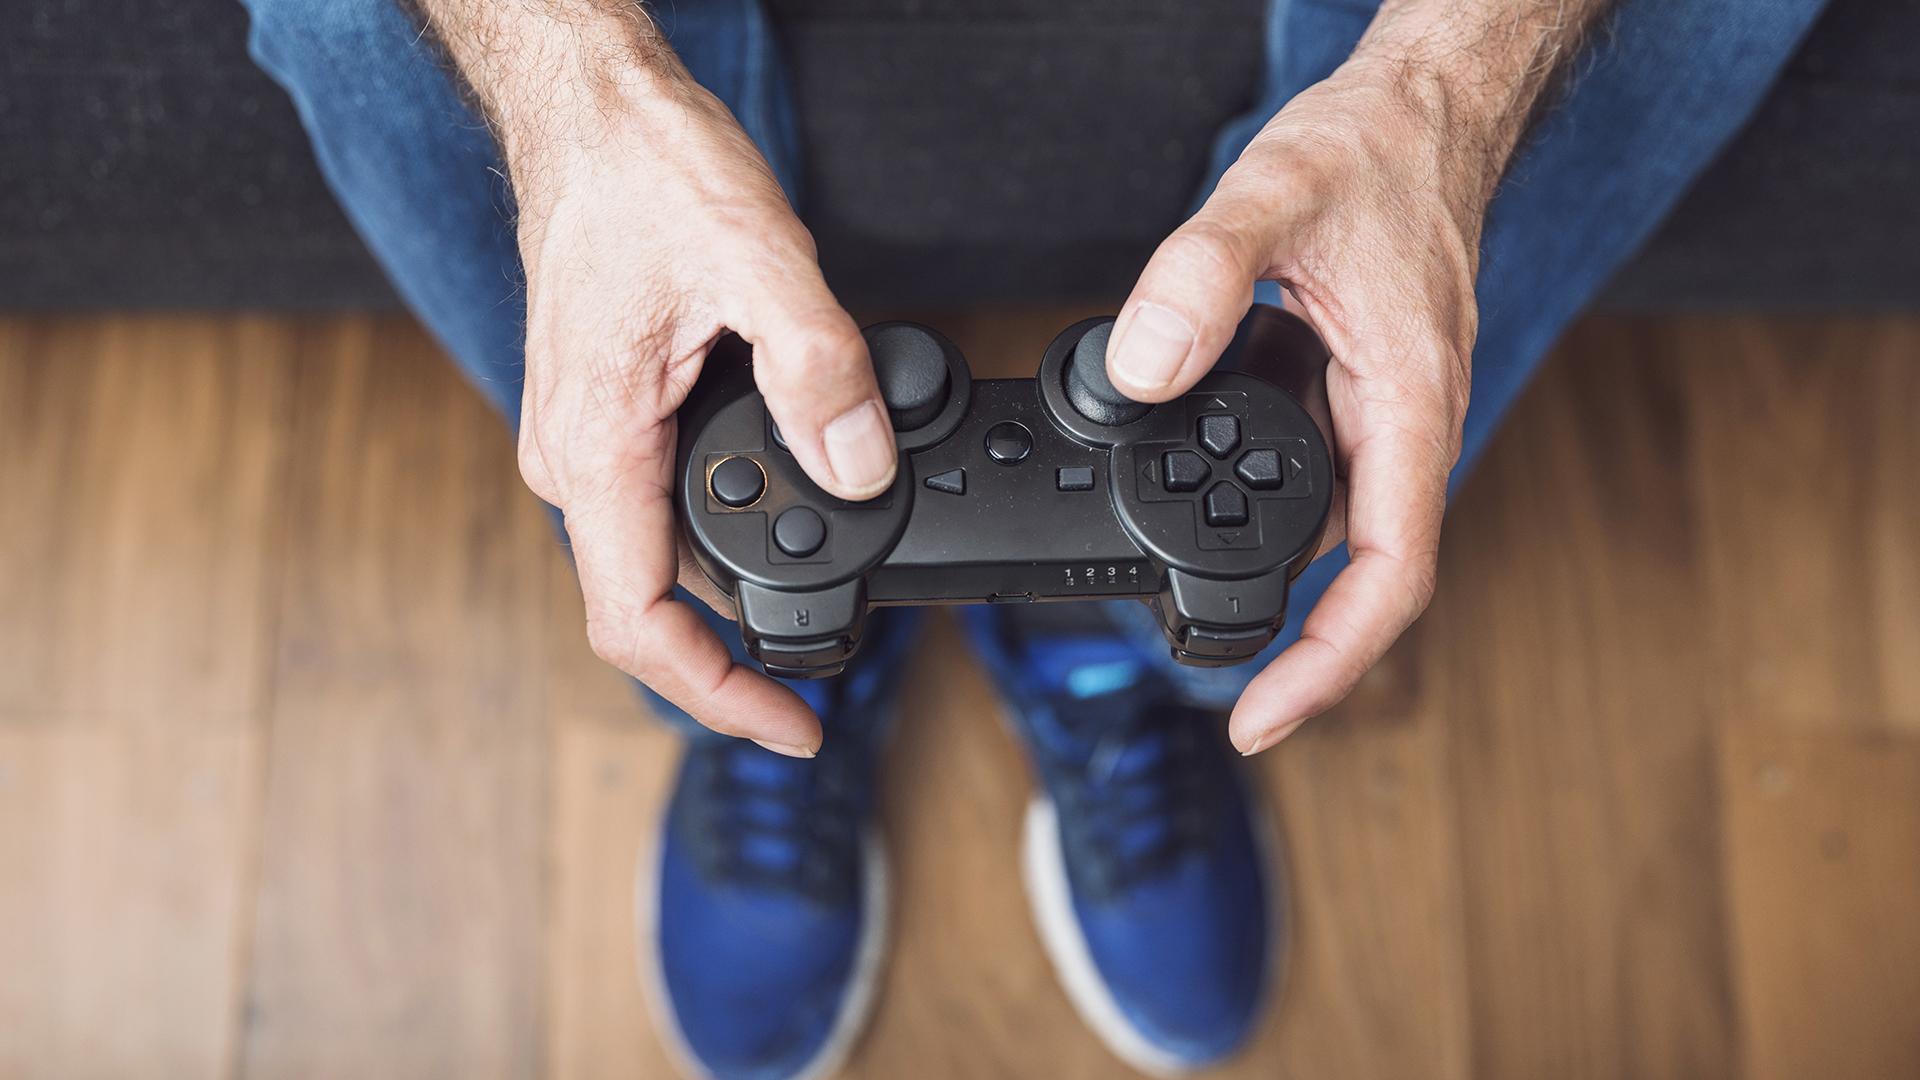 Tarda oberta de programació de videojocs